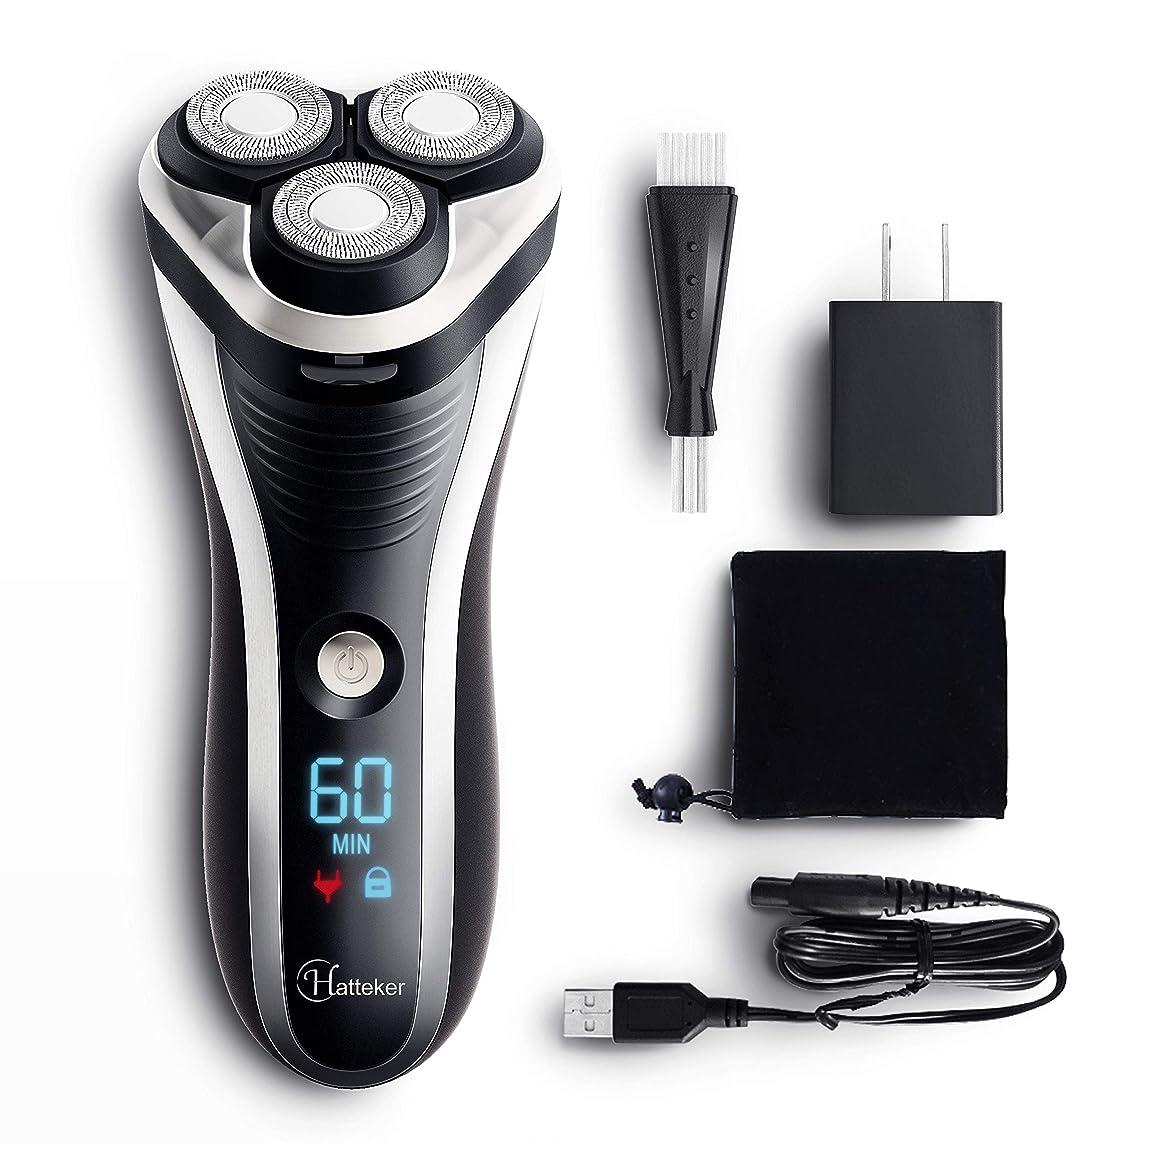 ネコほこりっぽい行為HATTEKER 電気シェーバー 髭剃り メンズ シェイバー ひげそり 回転式 もみあげ 水洗いOK ウエット·ドライ剃り USB充電式· 交流式 LEDディスプレイ(一年間保証)